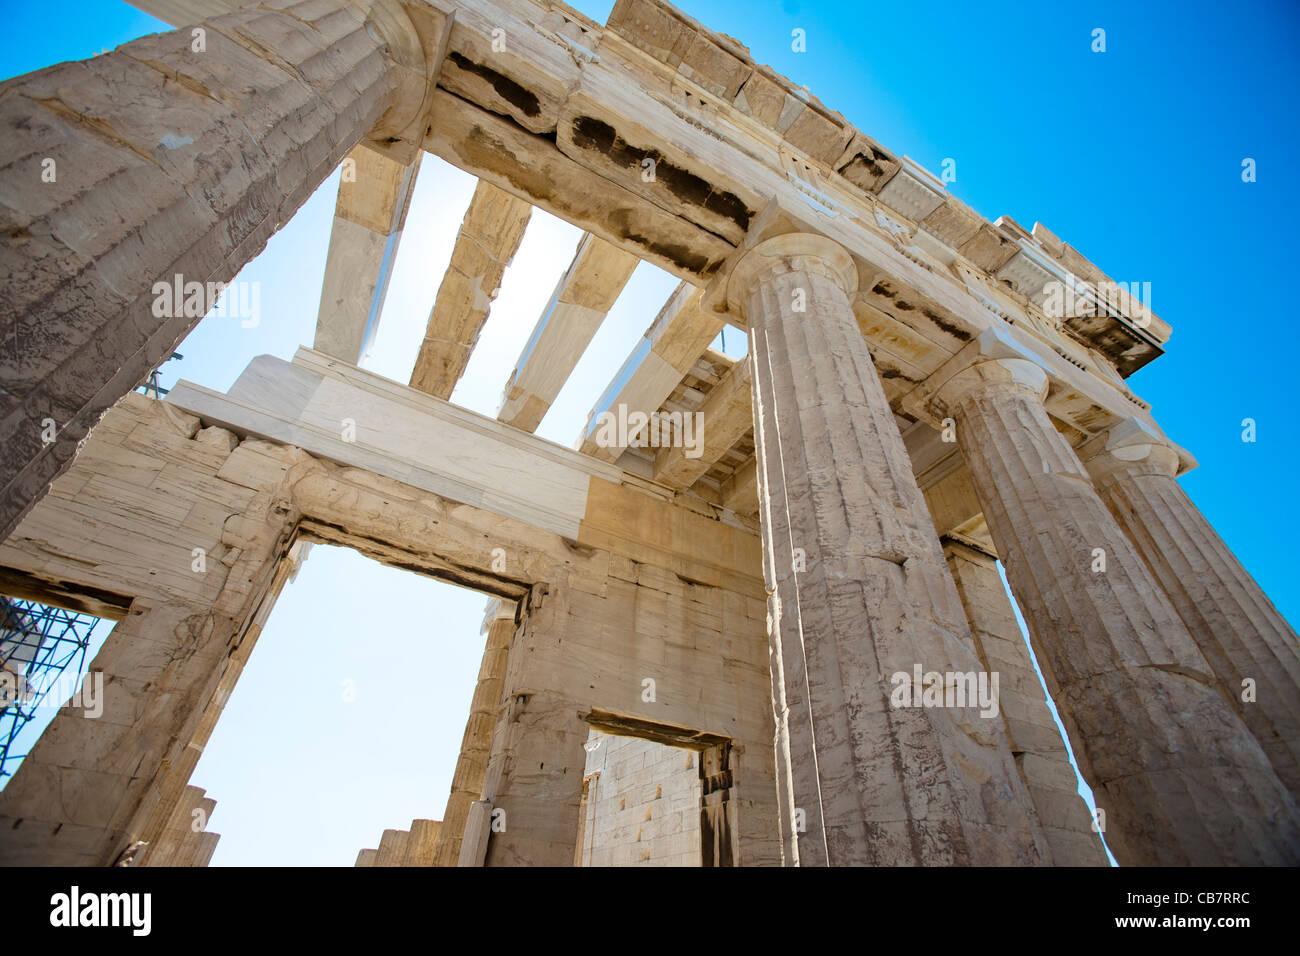 Imágenes de viaje sobre Grecia - Grecia clásica arquitectura antigua Imagen De Stock